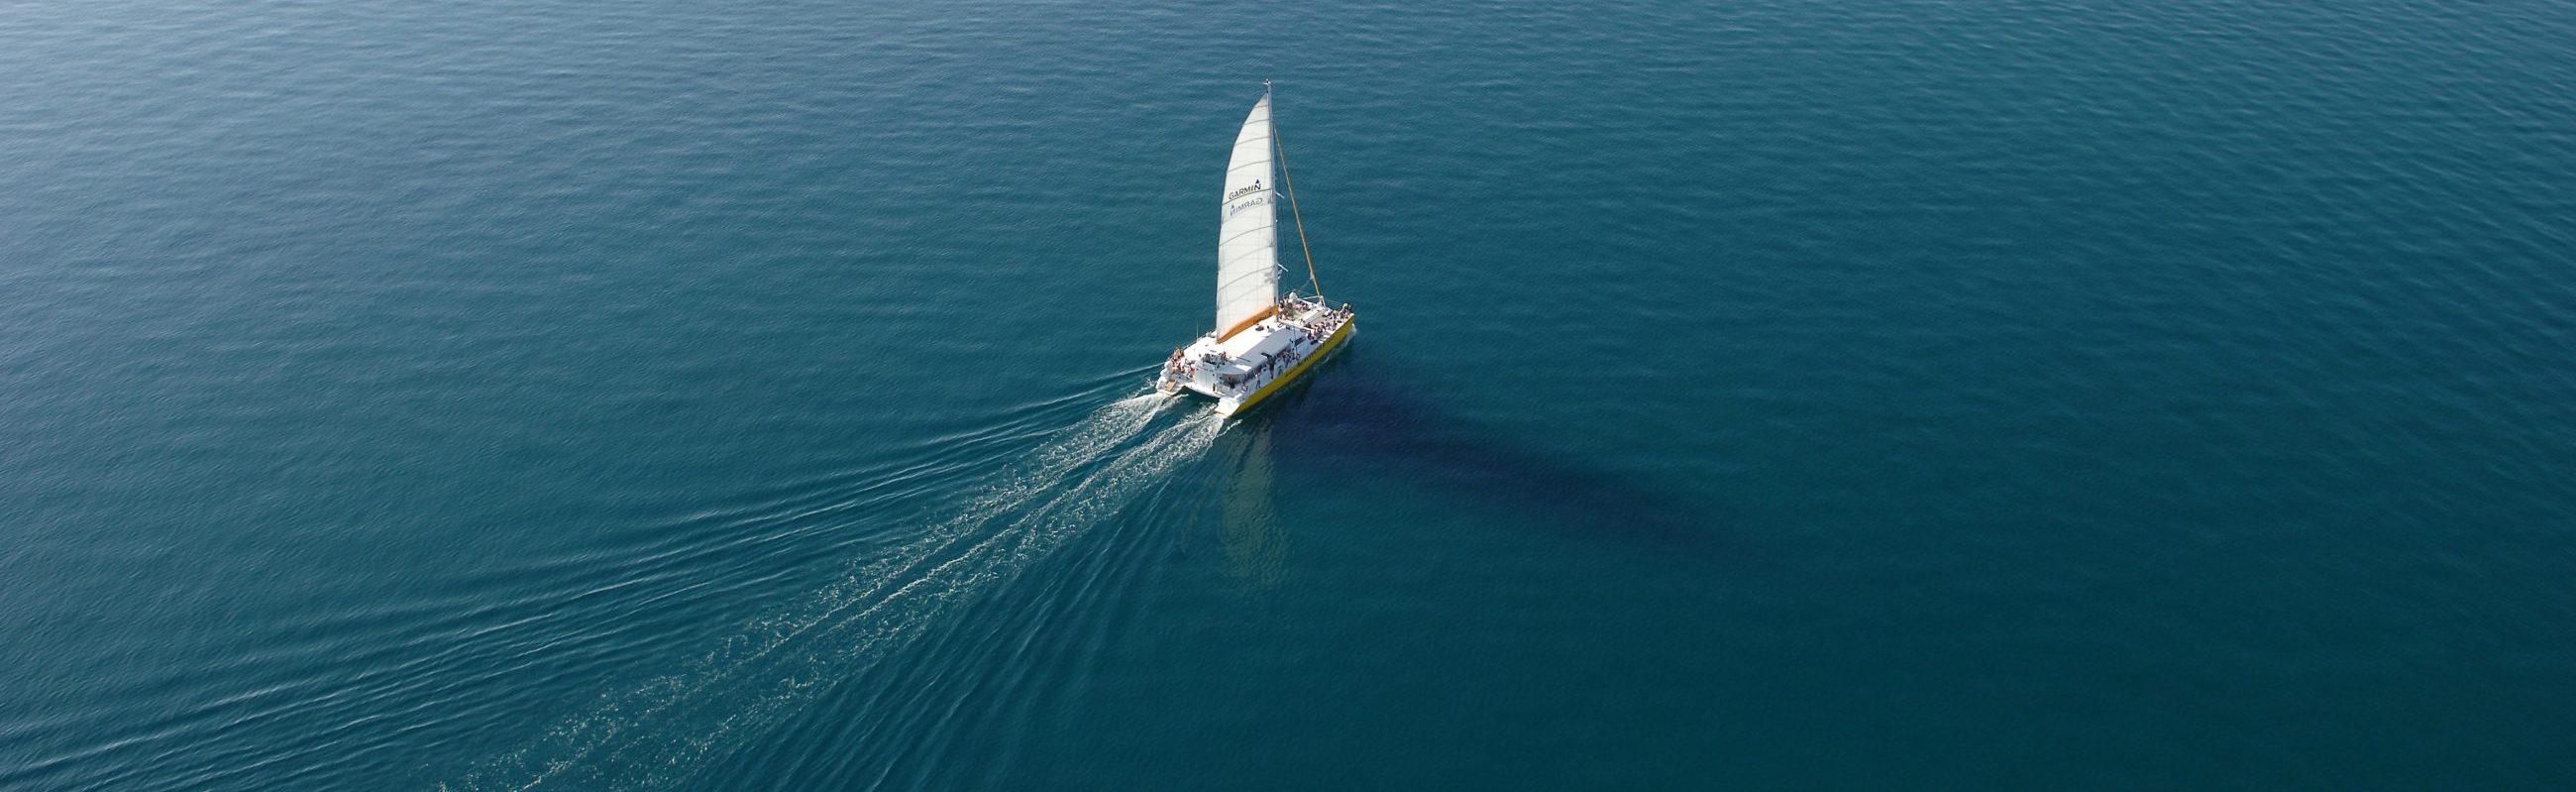 catamaran navivoile promenade en mer à la voile depart canet en roussillon